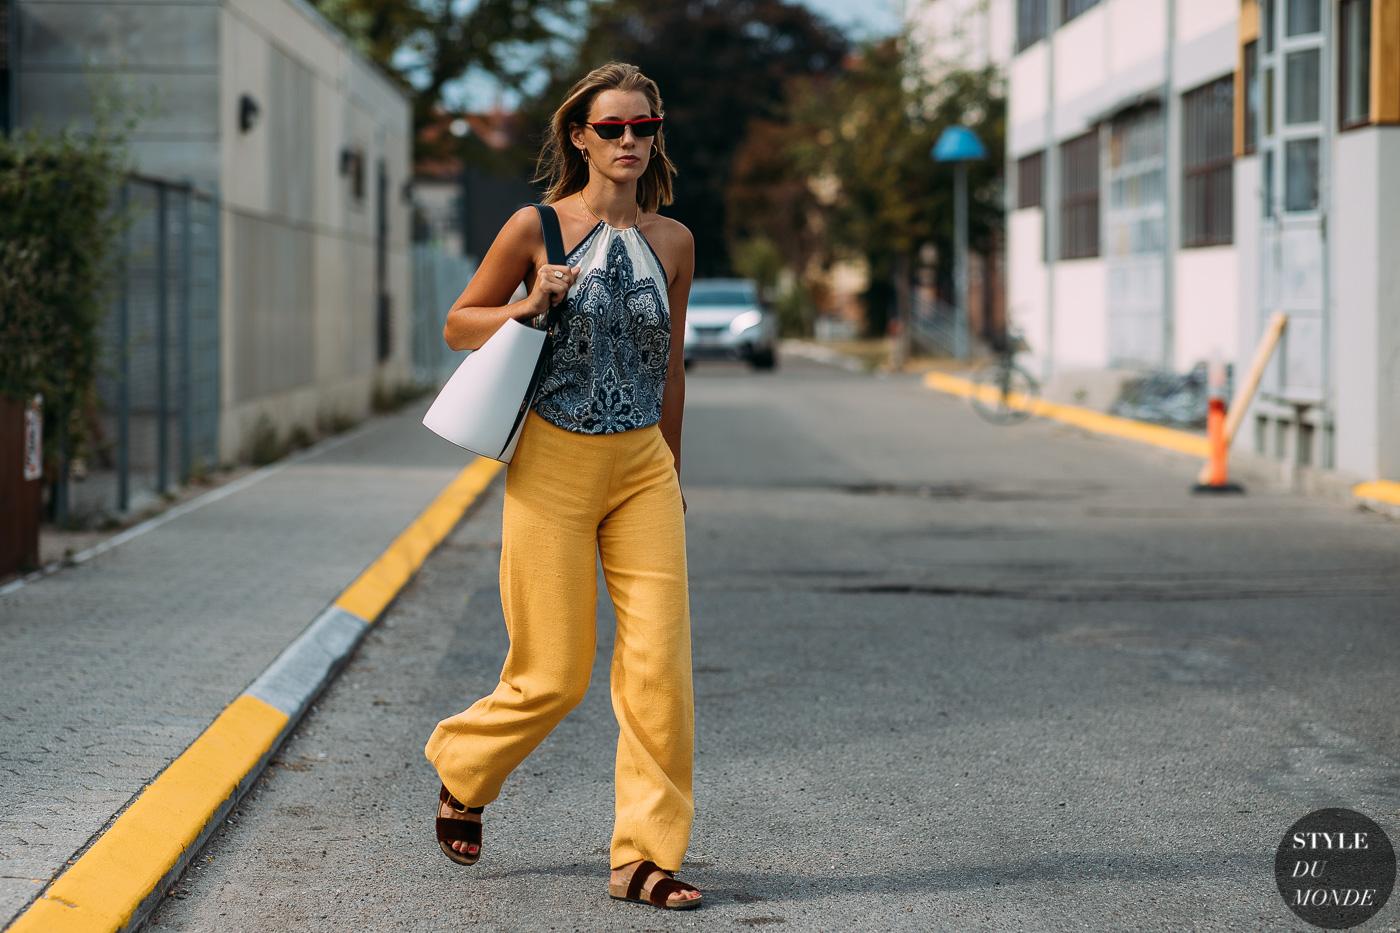 fashionista mặc áo yếm họa tiết, quần vàng, túi xách trắng, kính mát